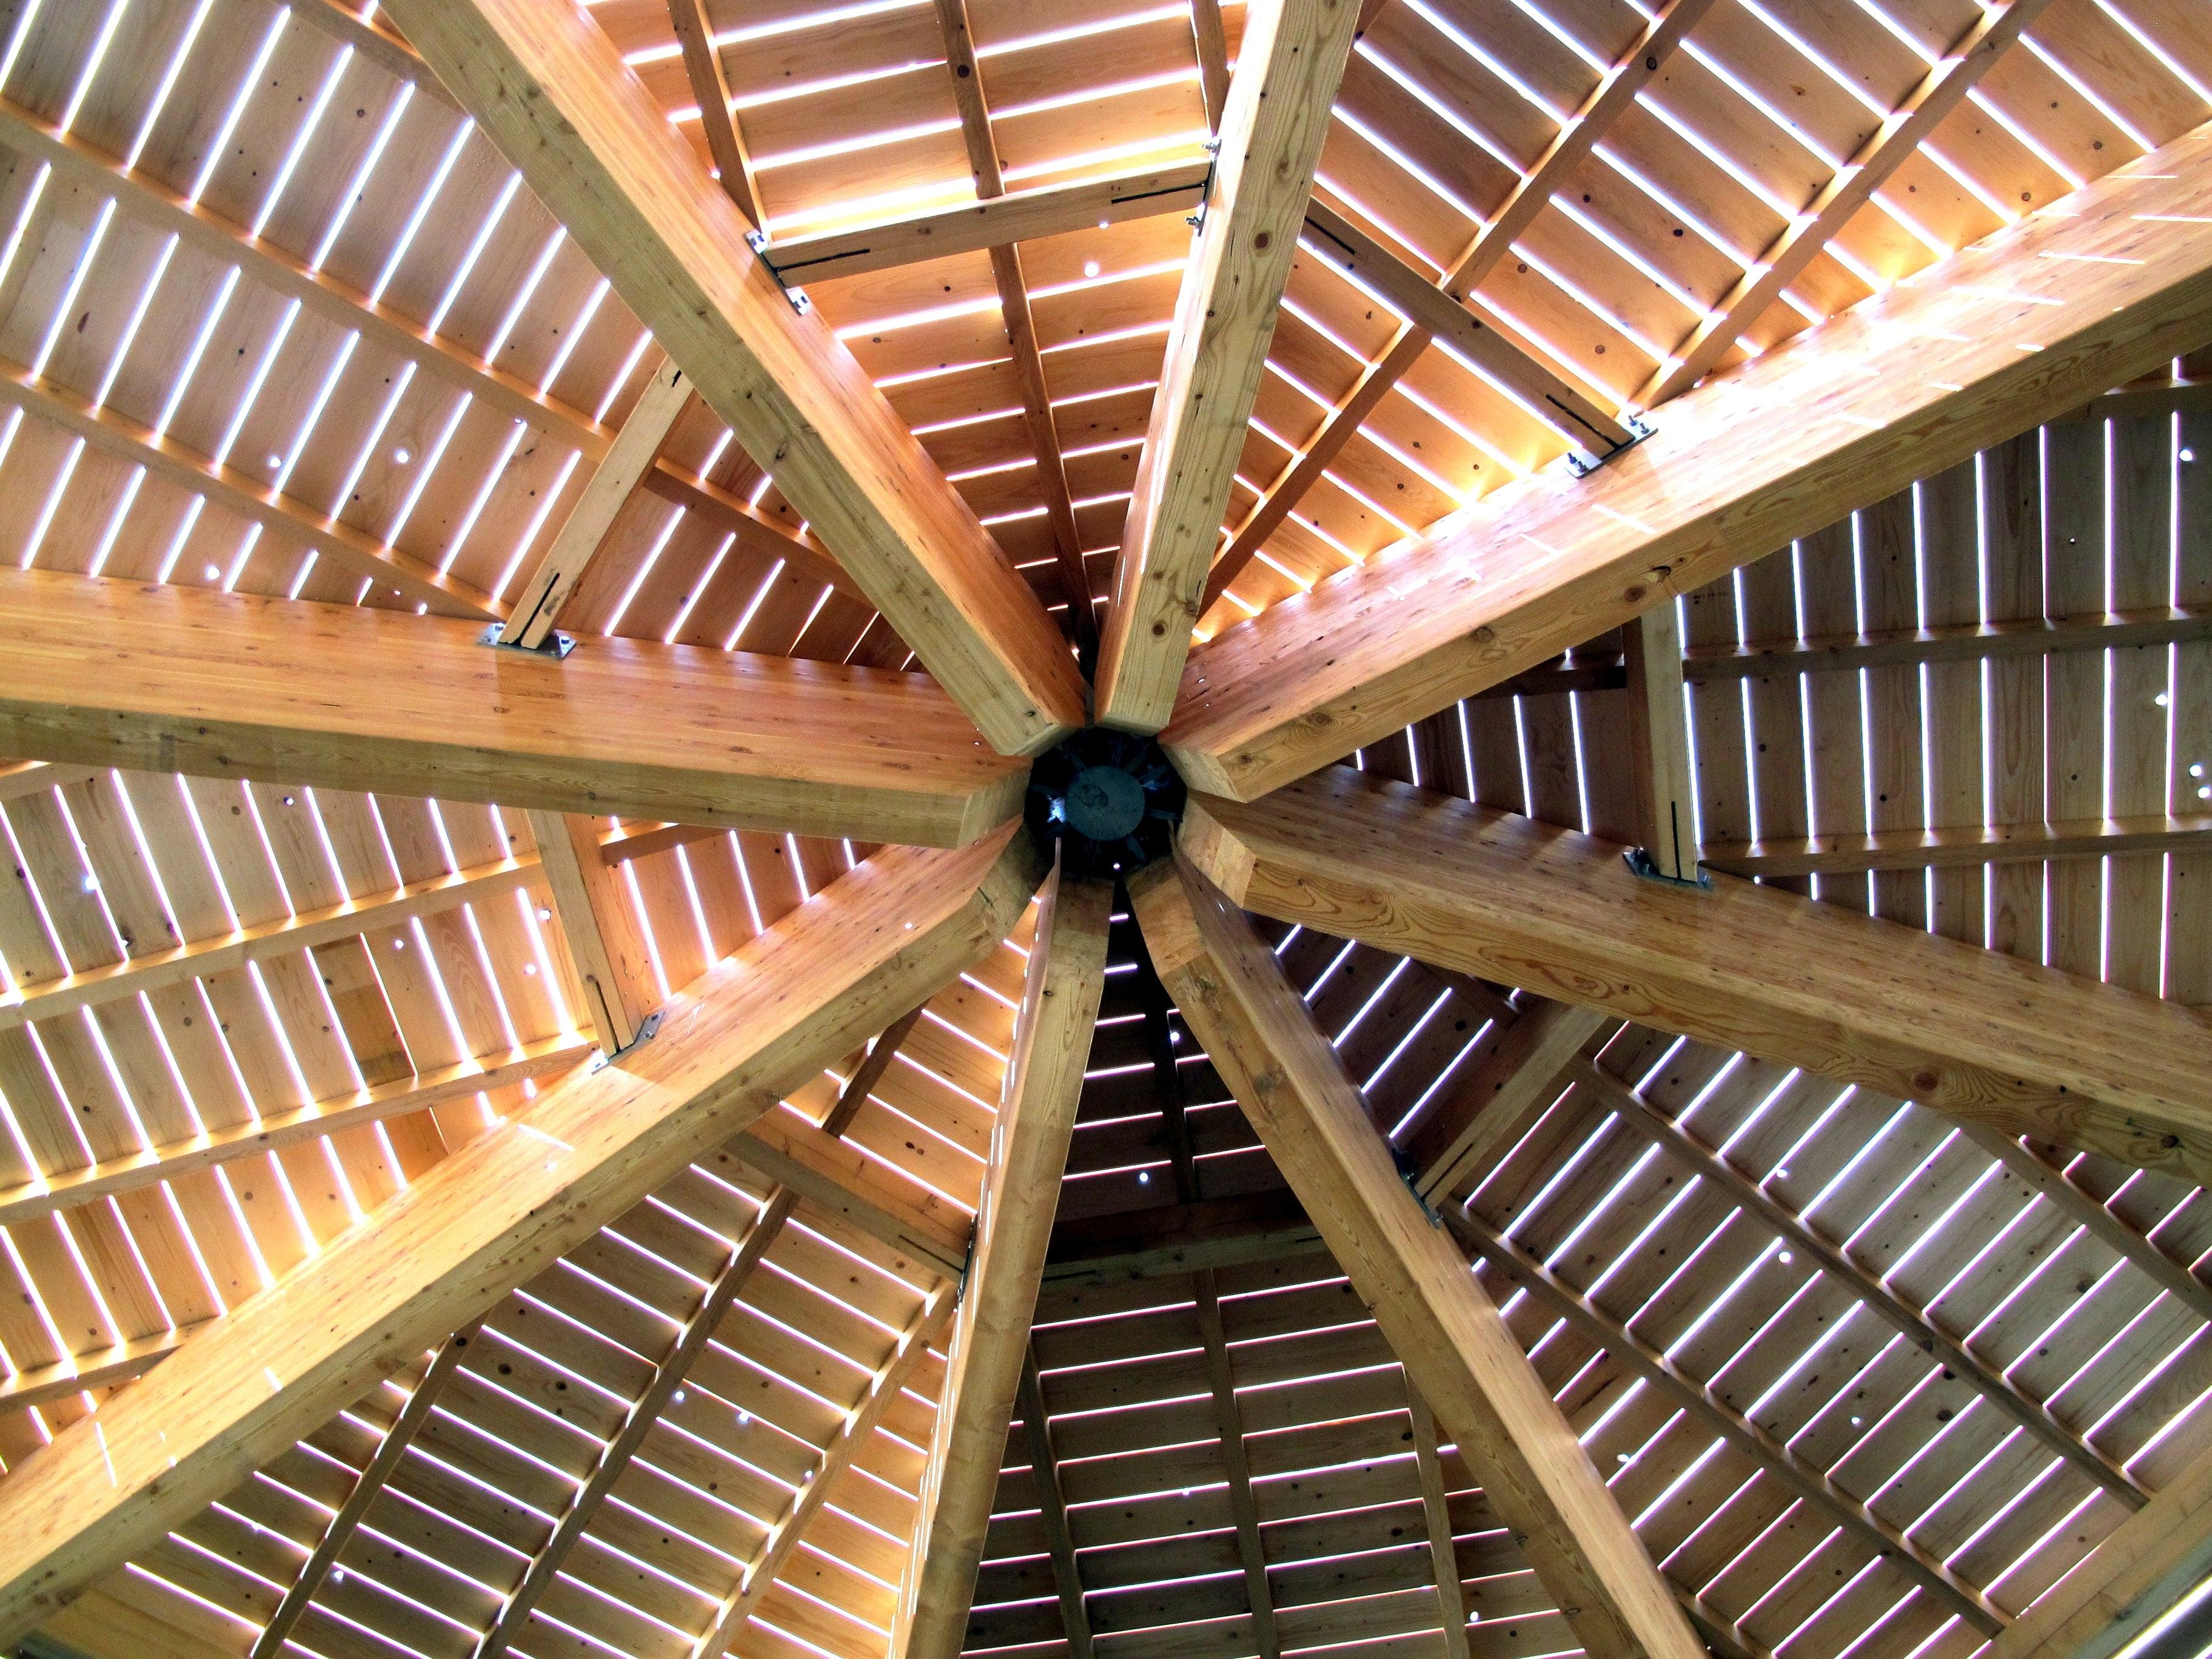 Charpente Bois Structure ~ Catodon com Obtenez des idées de design intéressantes en utilisant  # Structure Charpente Bois